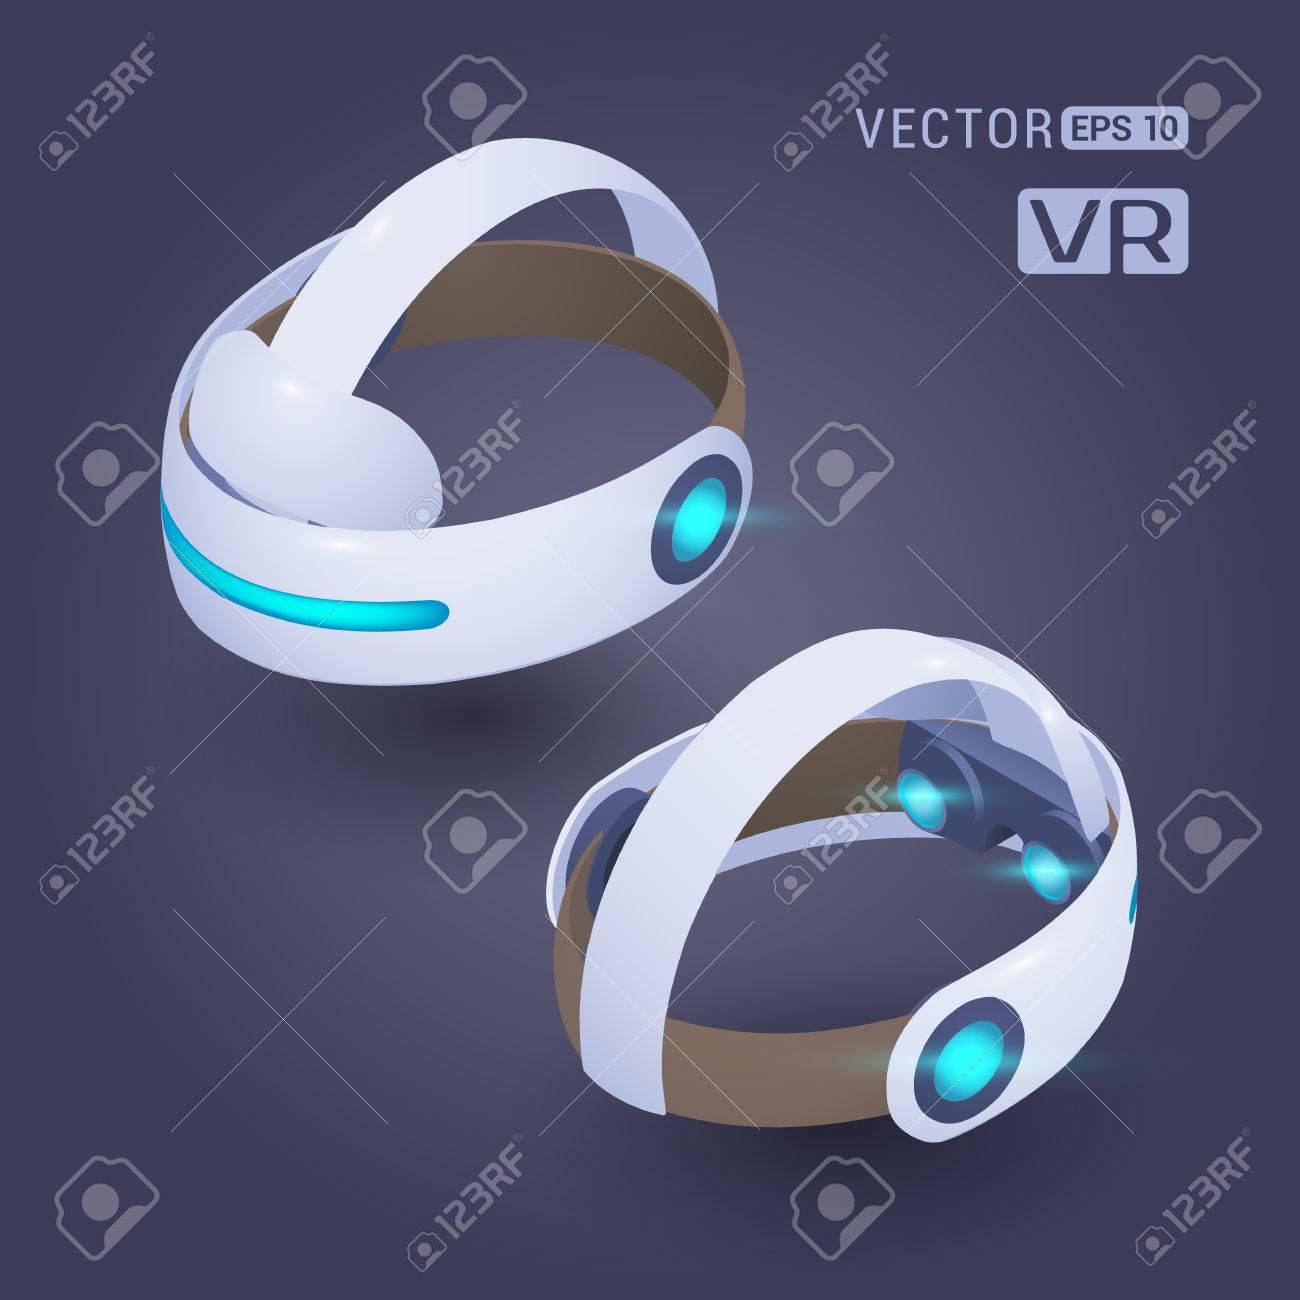 Isométrico realidad virtual receptor de cabeza contra el fondo oscuro violeta. Los objetos se muestran a partir de dos lados